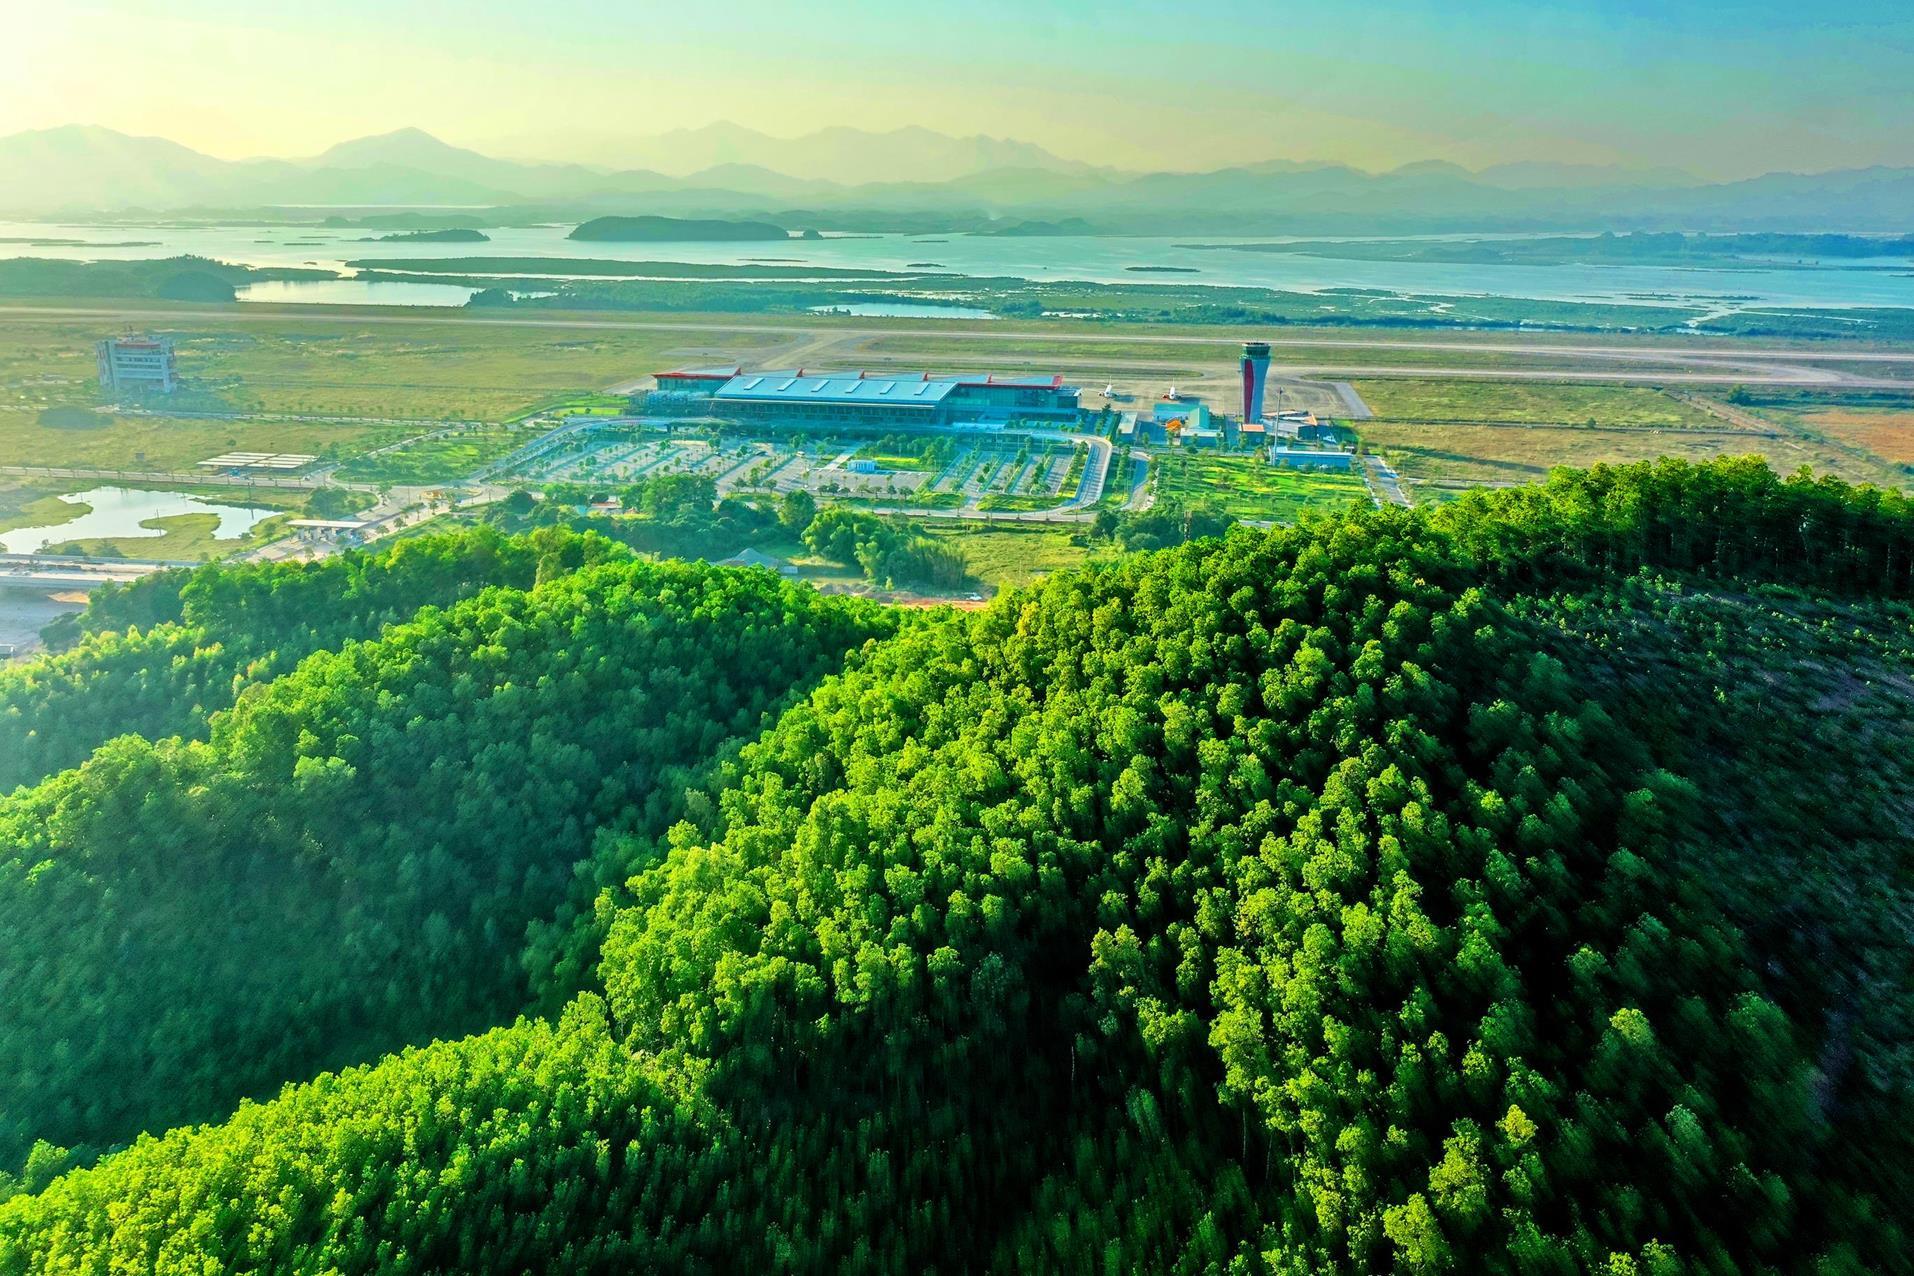 Sân bay Vân Đồn được Prix Versailles trao giải đặc biệt thế giới về thiết kế ngoại thất  - Ảnh 5